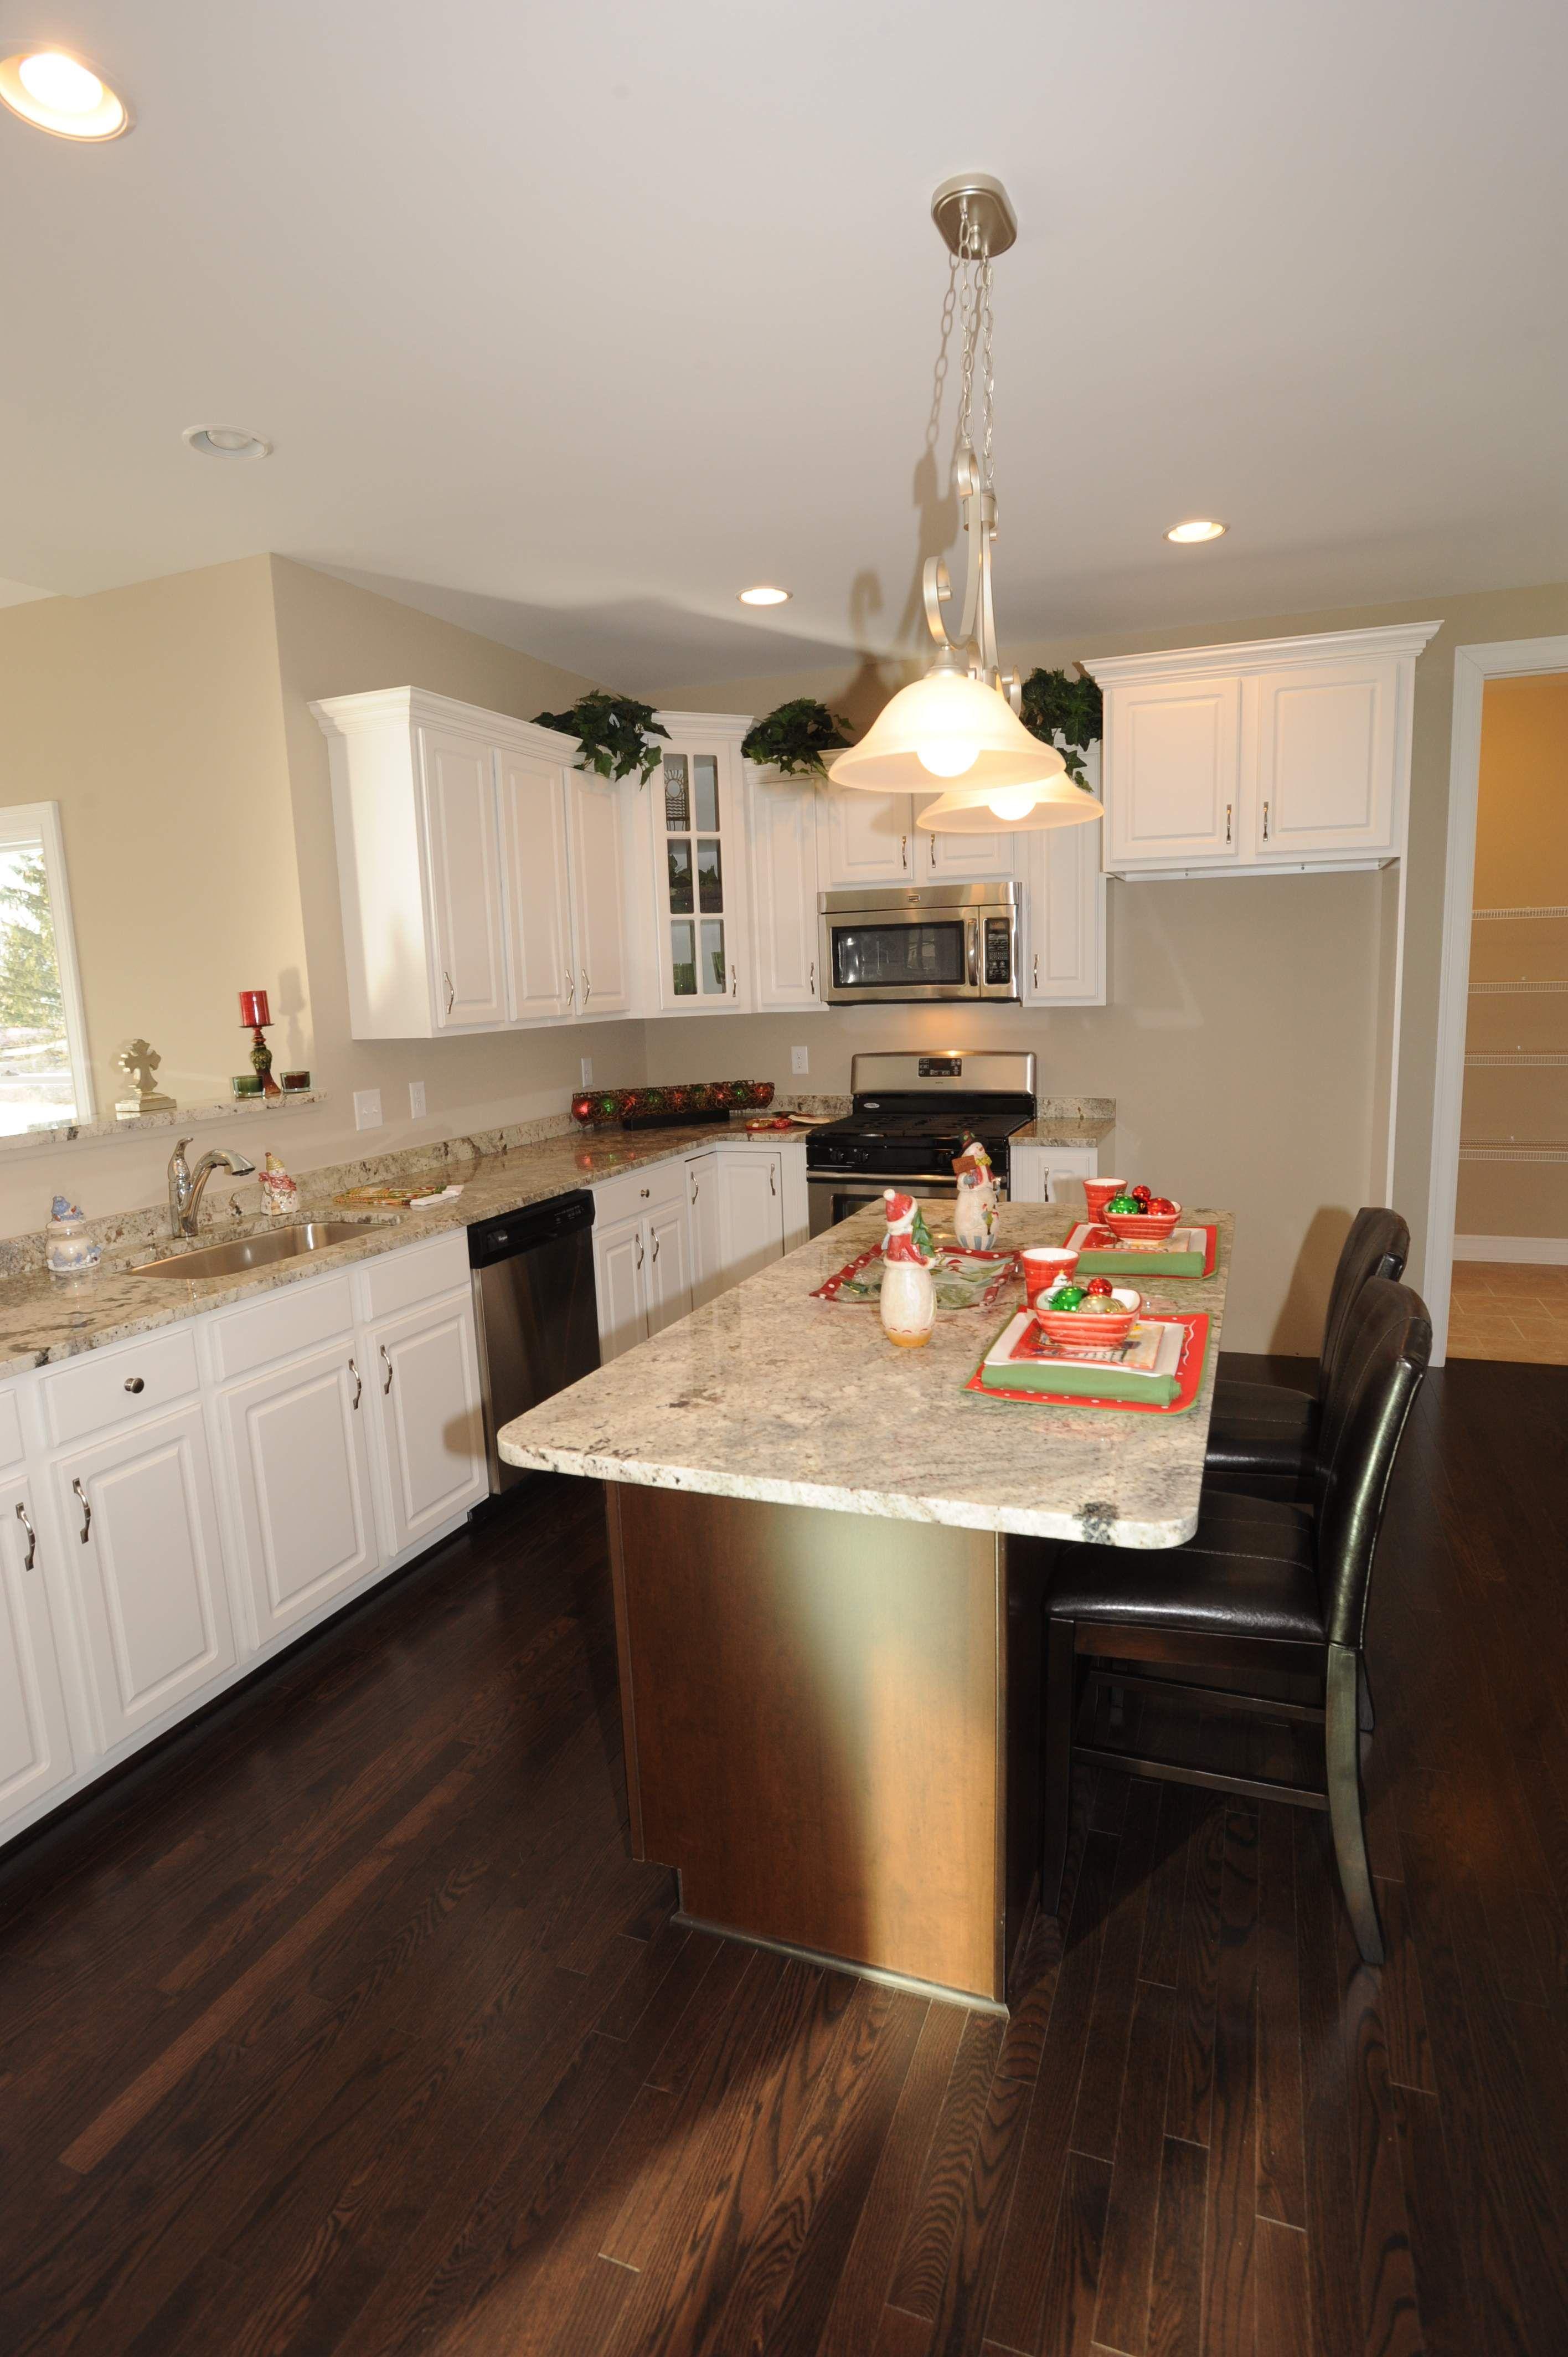 white kitchen island l shaped kitchen island dining table l shaped kitchen designs kitchen on kitchen island ideas v shape id=11250